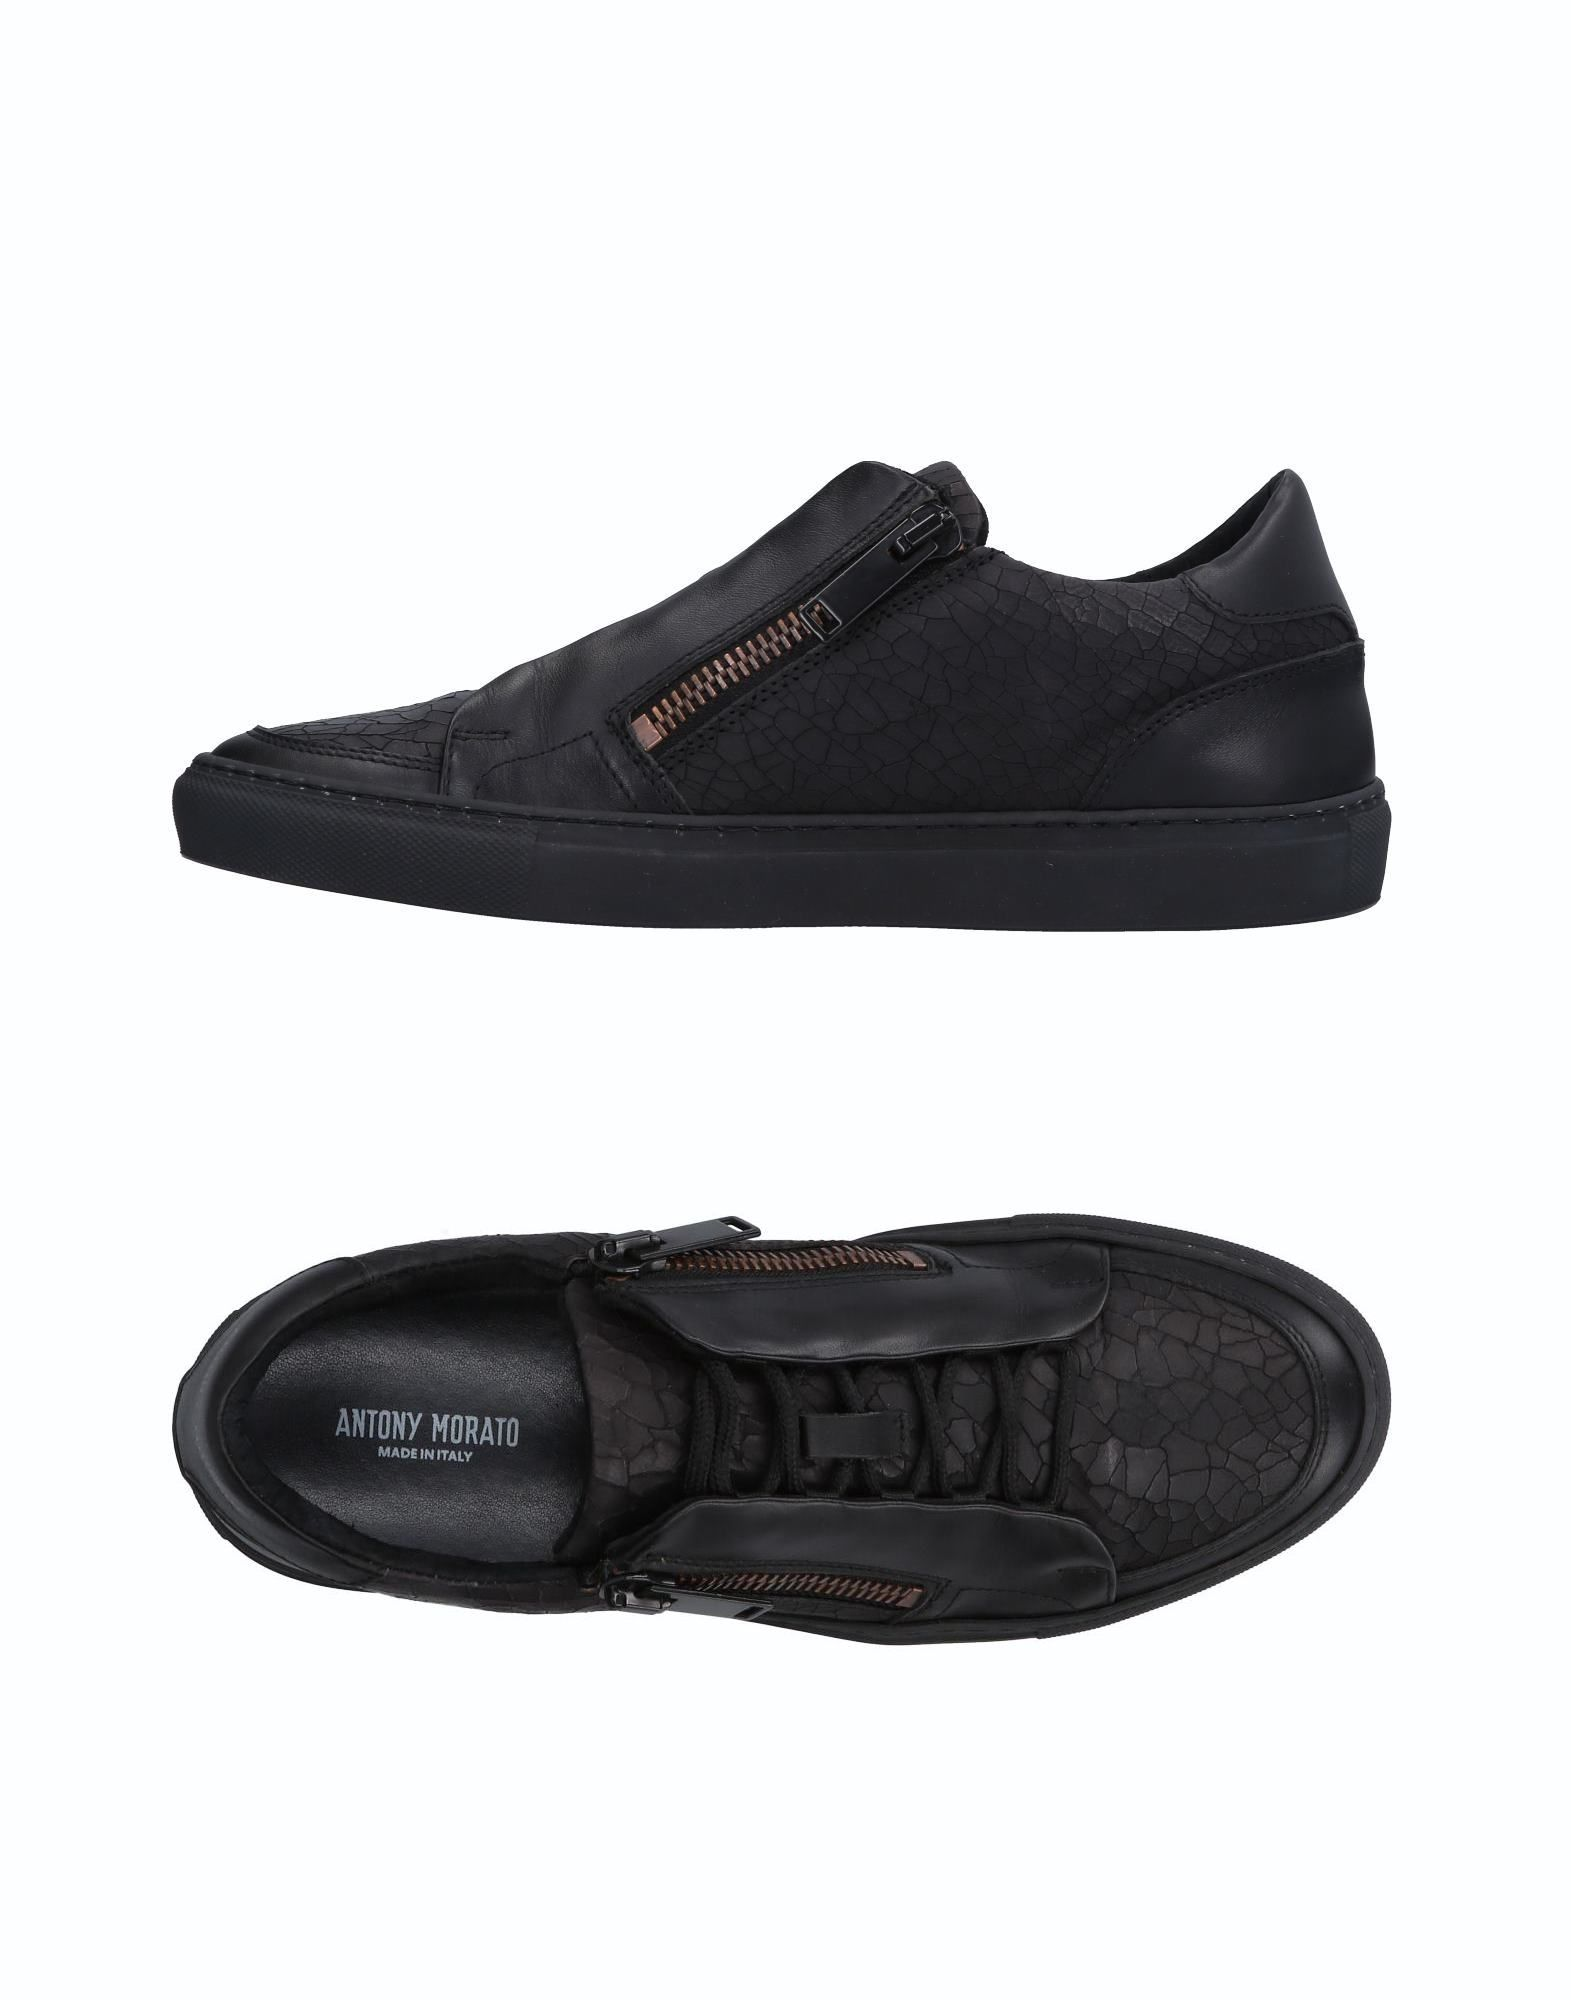 Rabatt echte Sneakers Schuhe Antony Morato Sneakers echte Herren  11499219SU f172bf